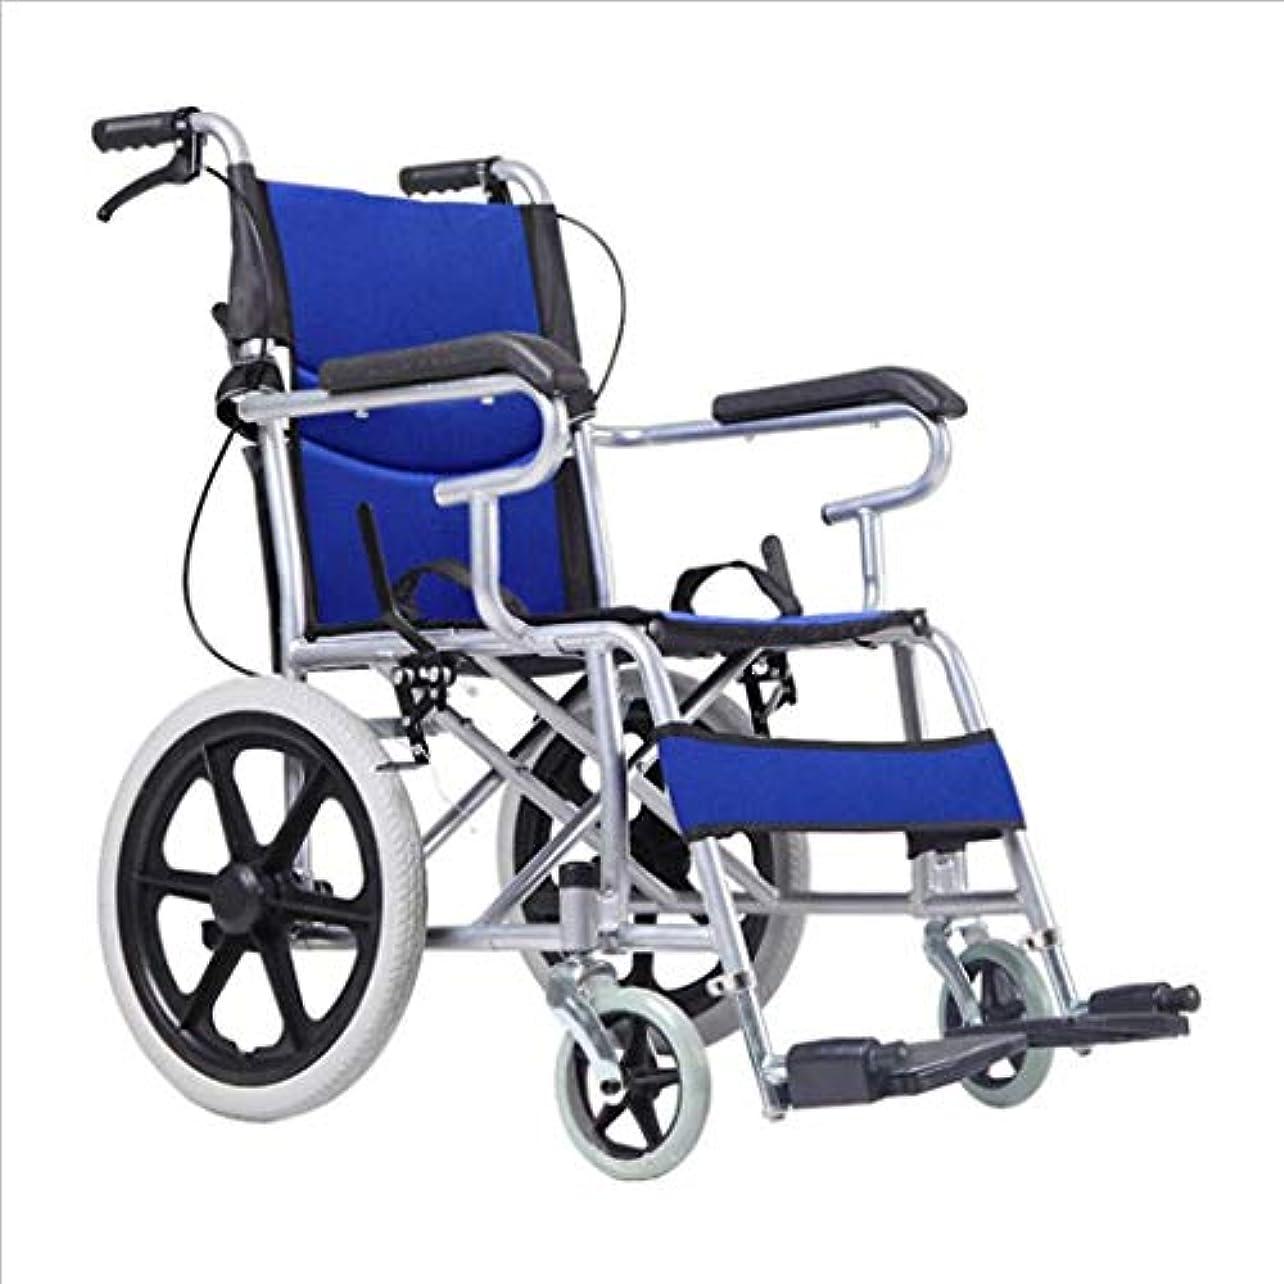 マウスピース苗車椅子折り畳み式ソリッドタイヤ軽量でインフレータブルフリー高齢者身体障害者旅行折り畳み式折り畳み式車椅子